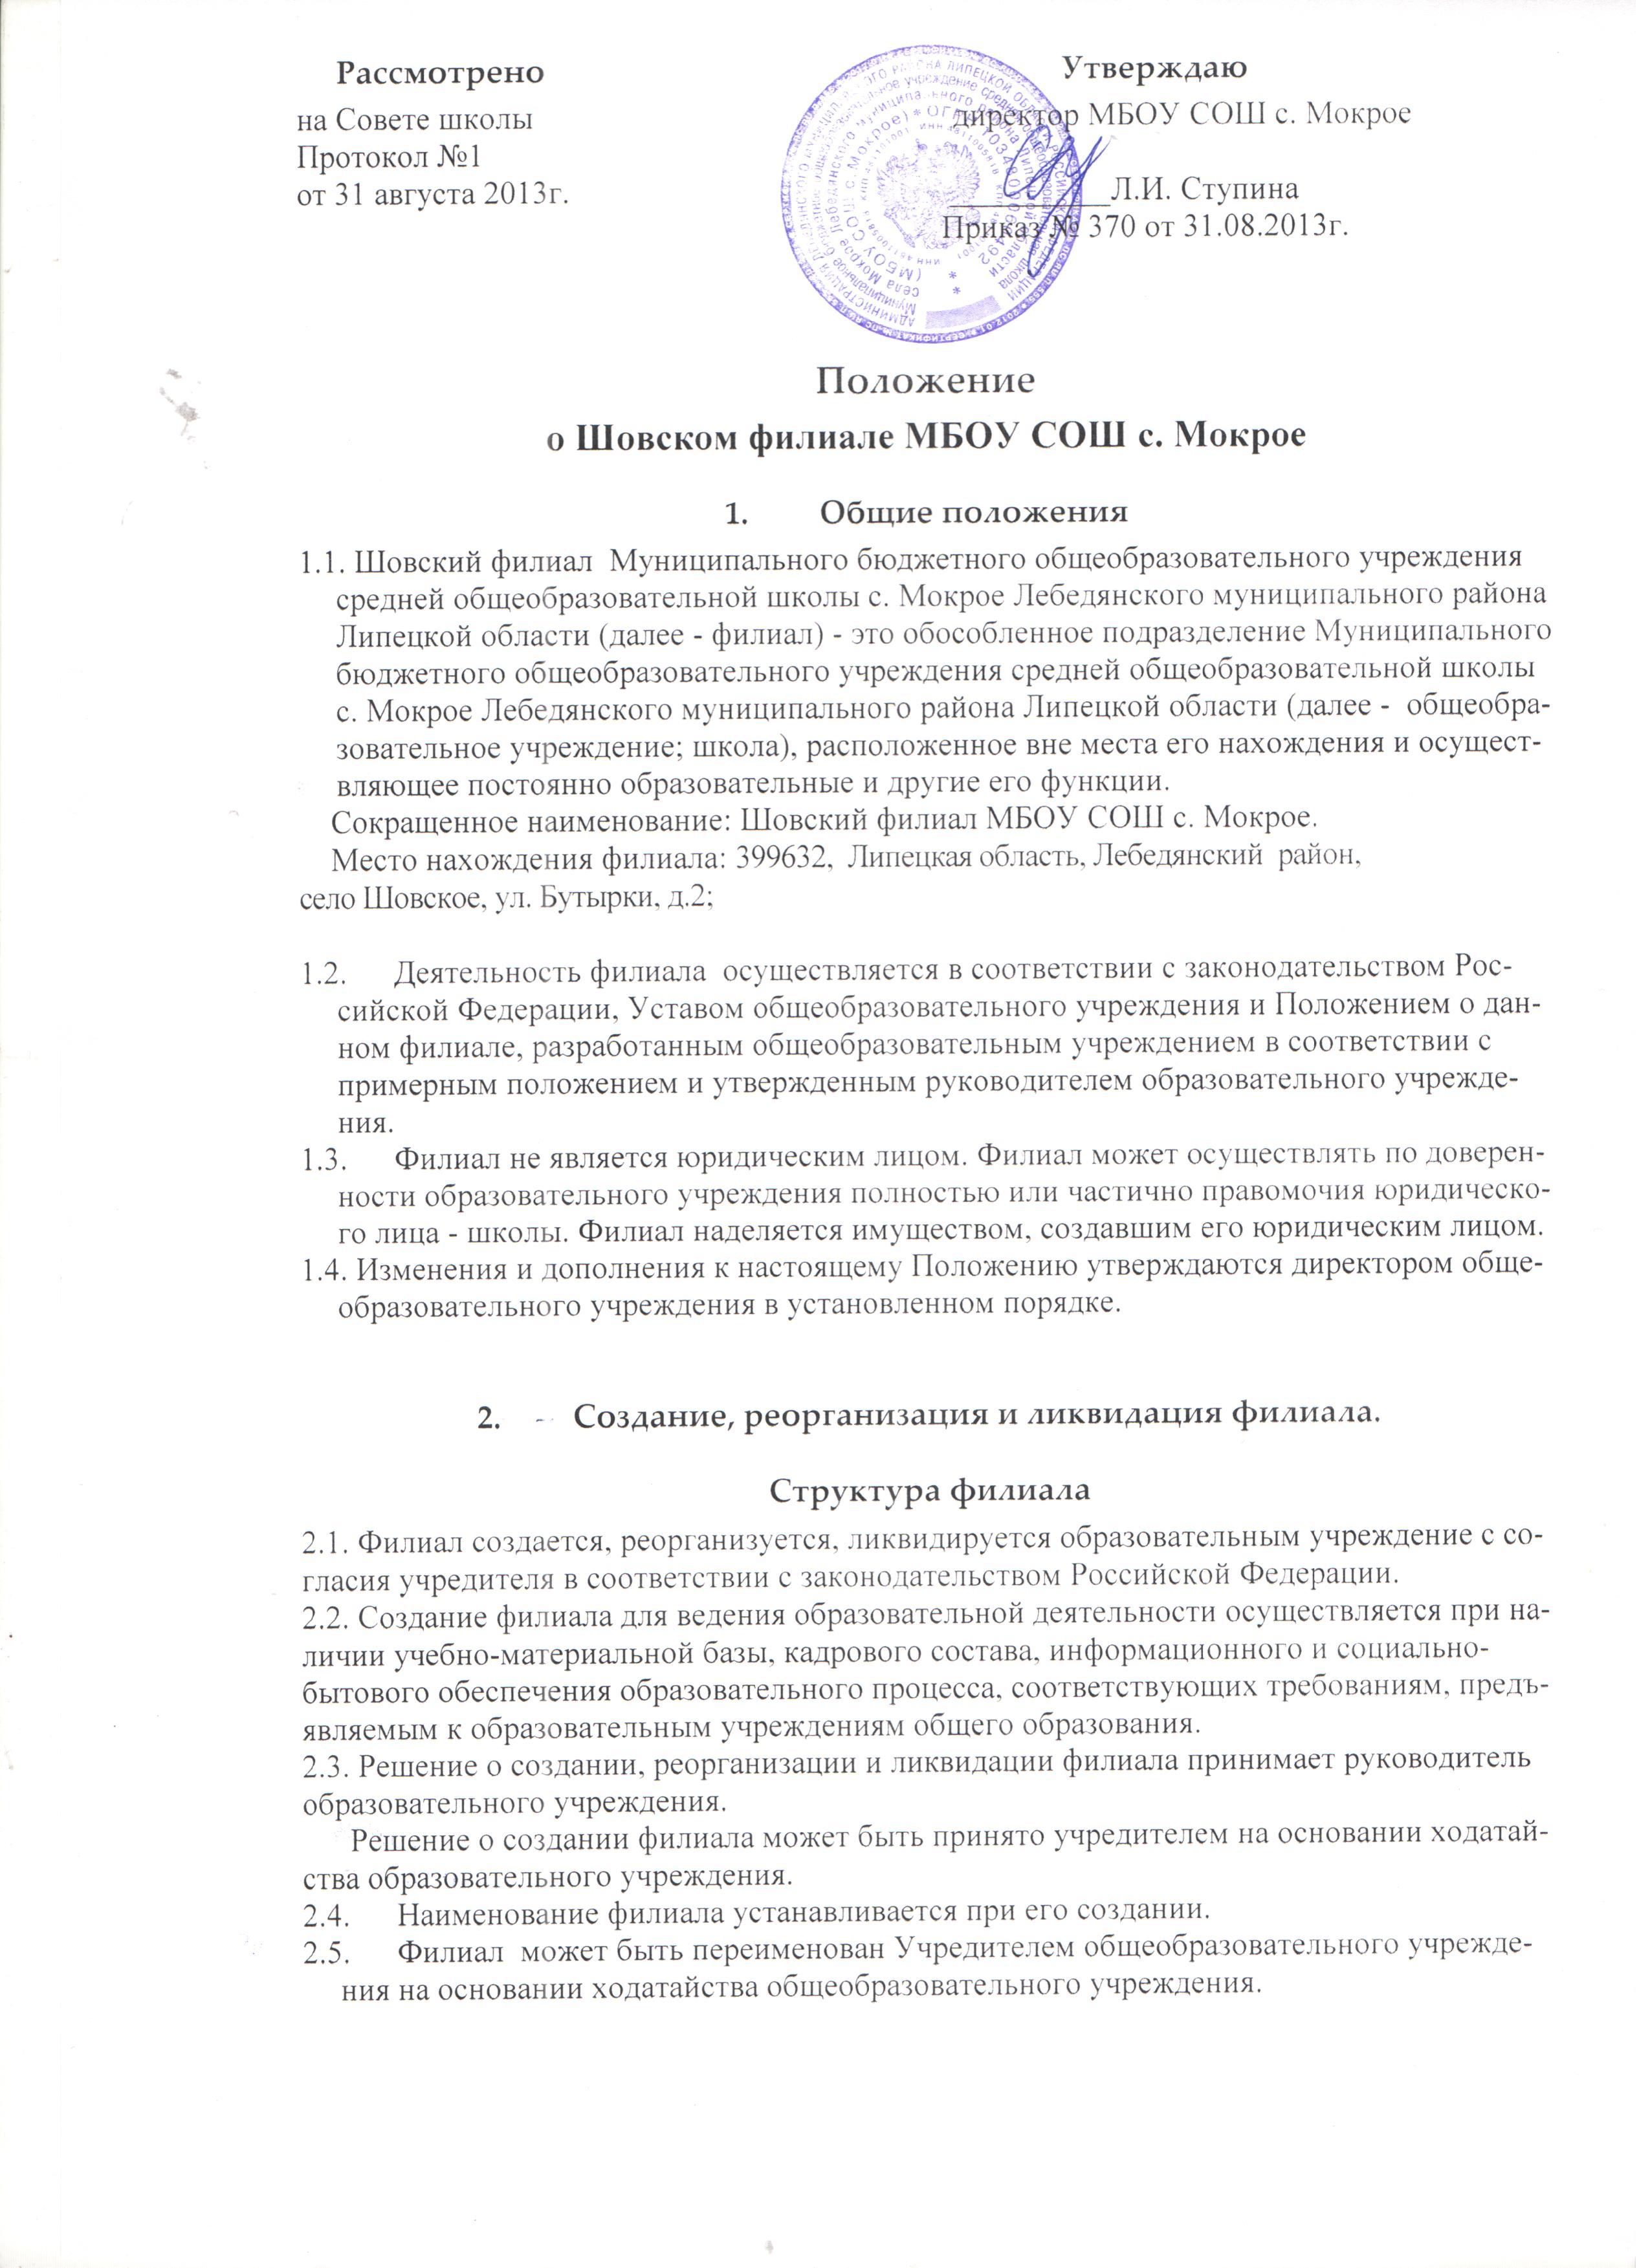 ООО Частная практика